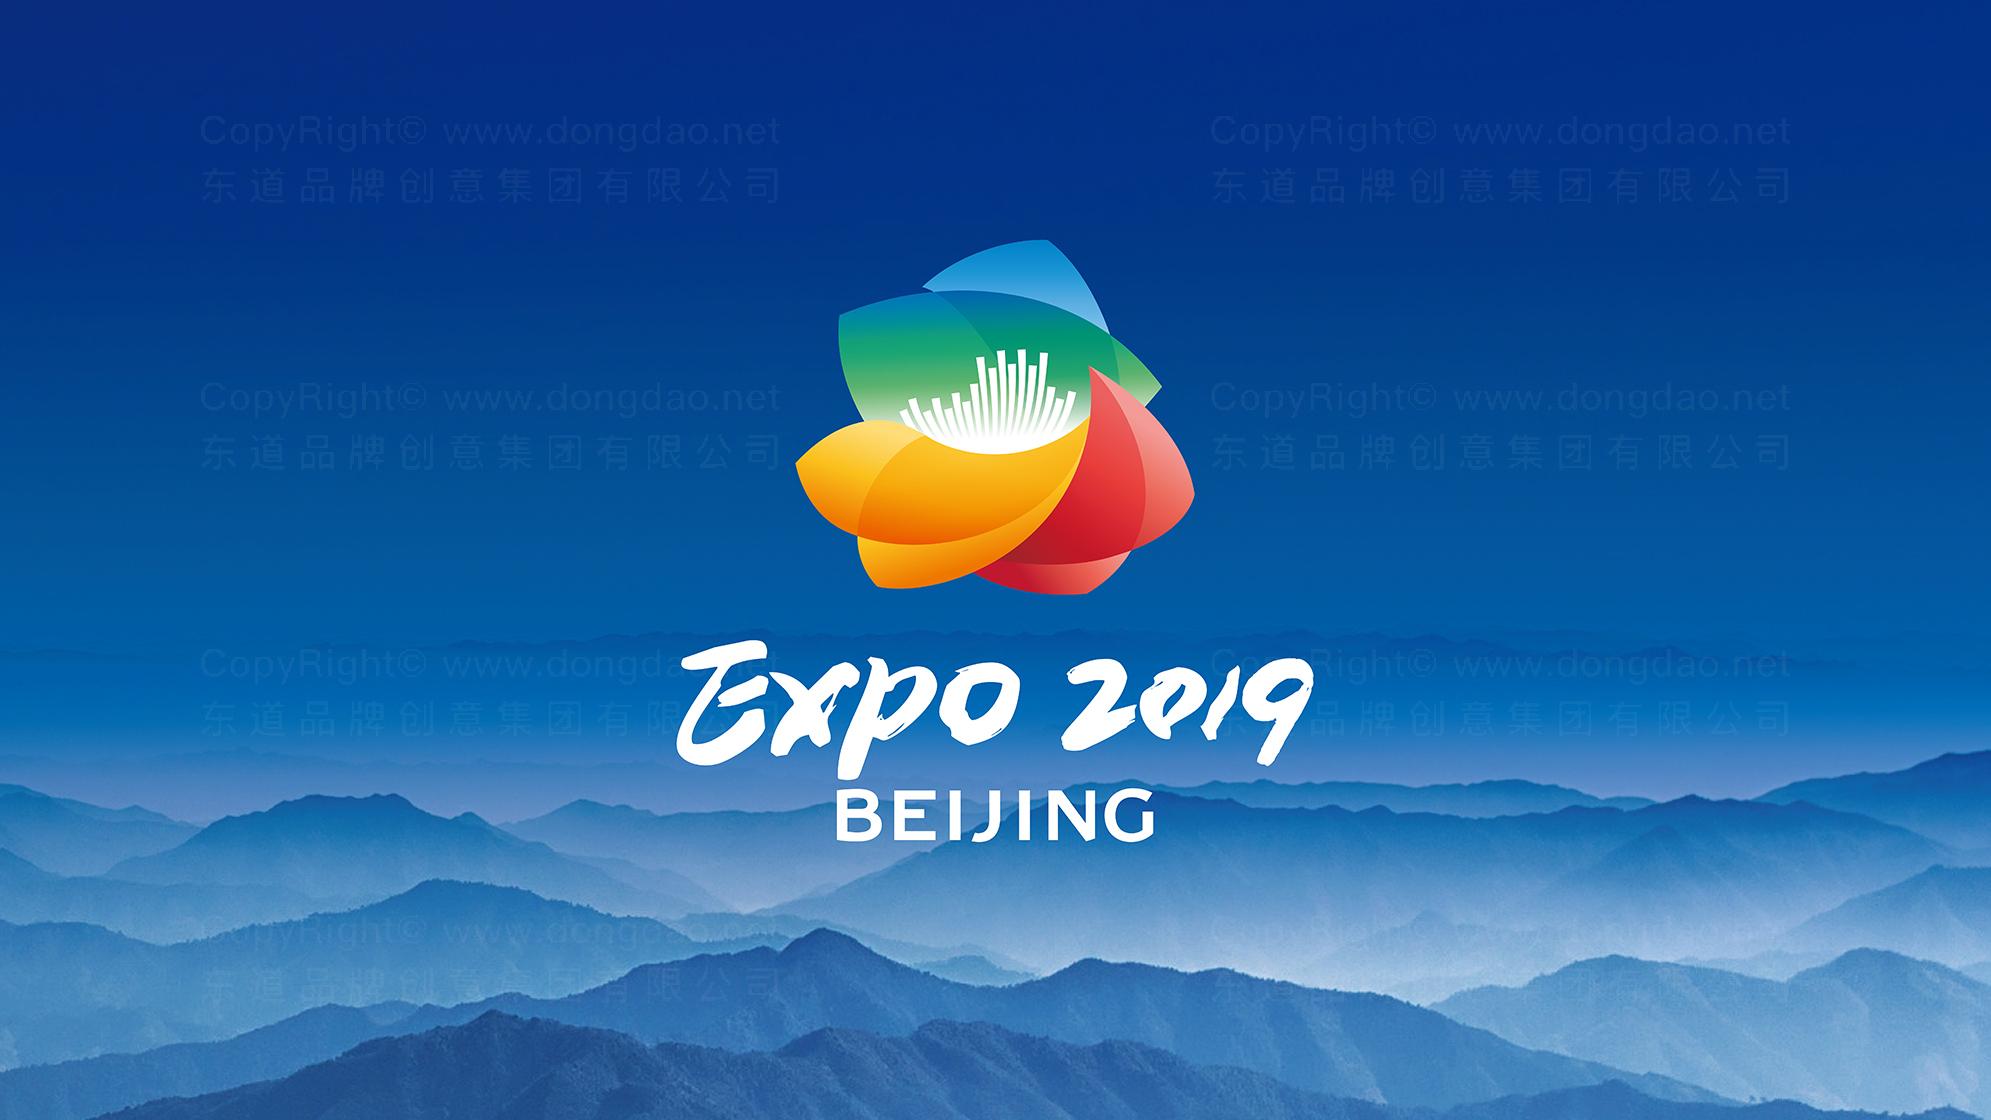 品牌设计案例2019北京世园会LOGO设计